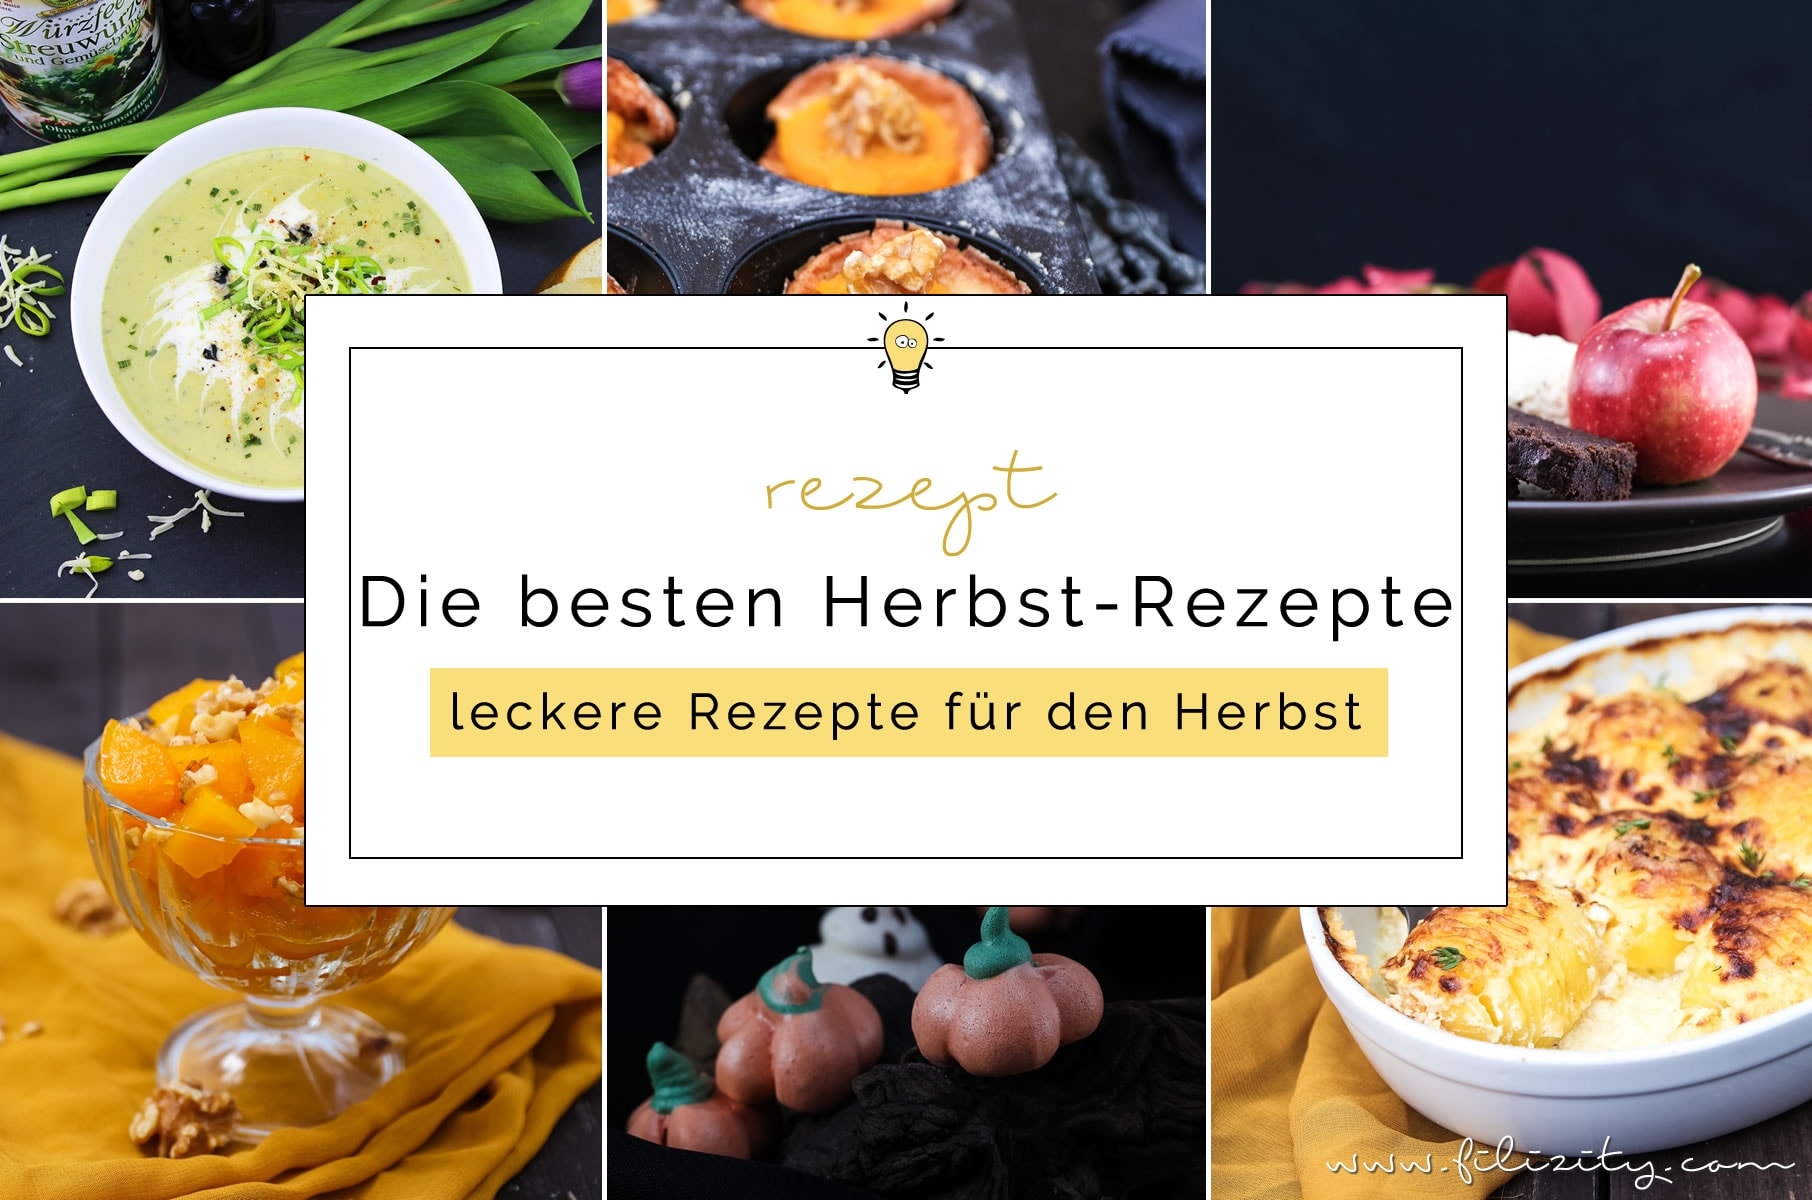 Die Besten Herbst Rezepte Filizitycom Food Blog Aus Koblenz